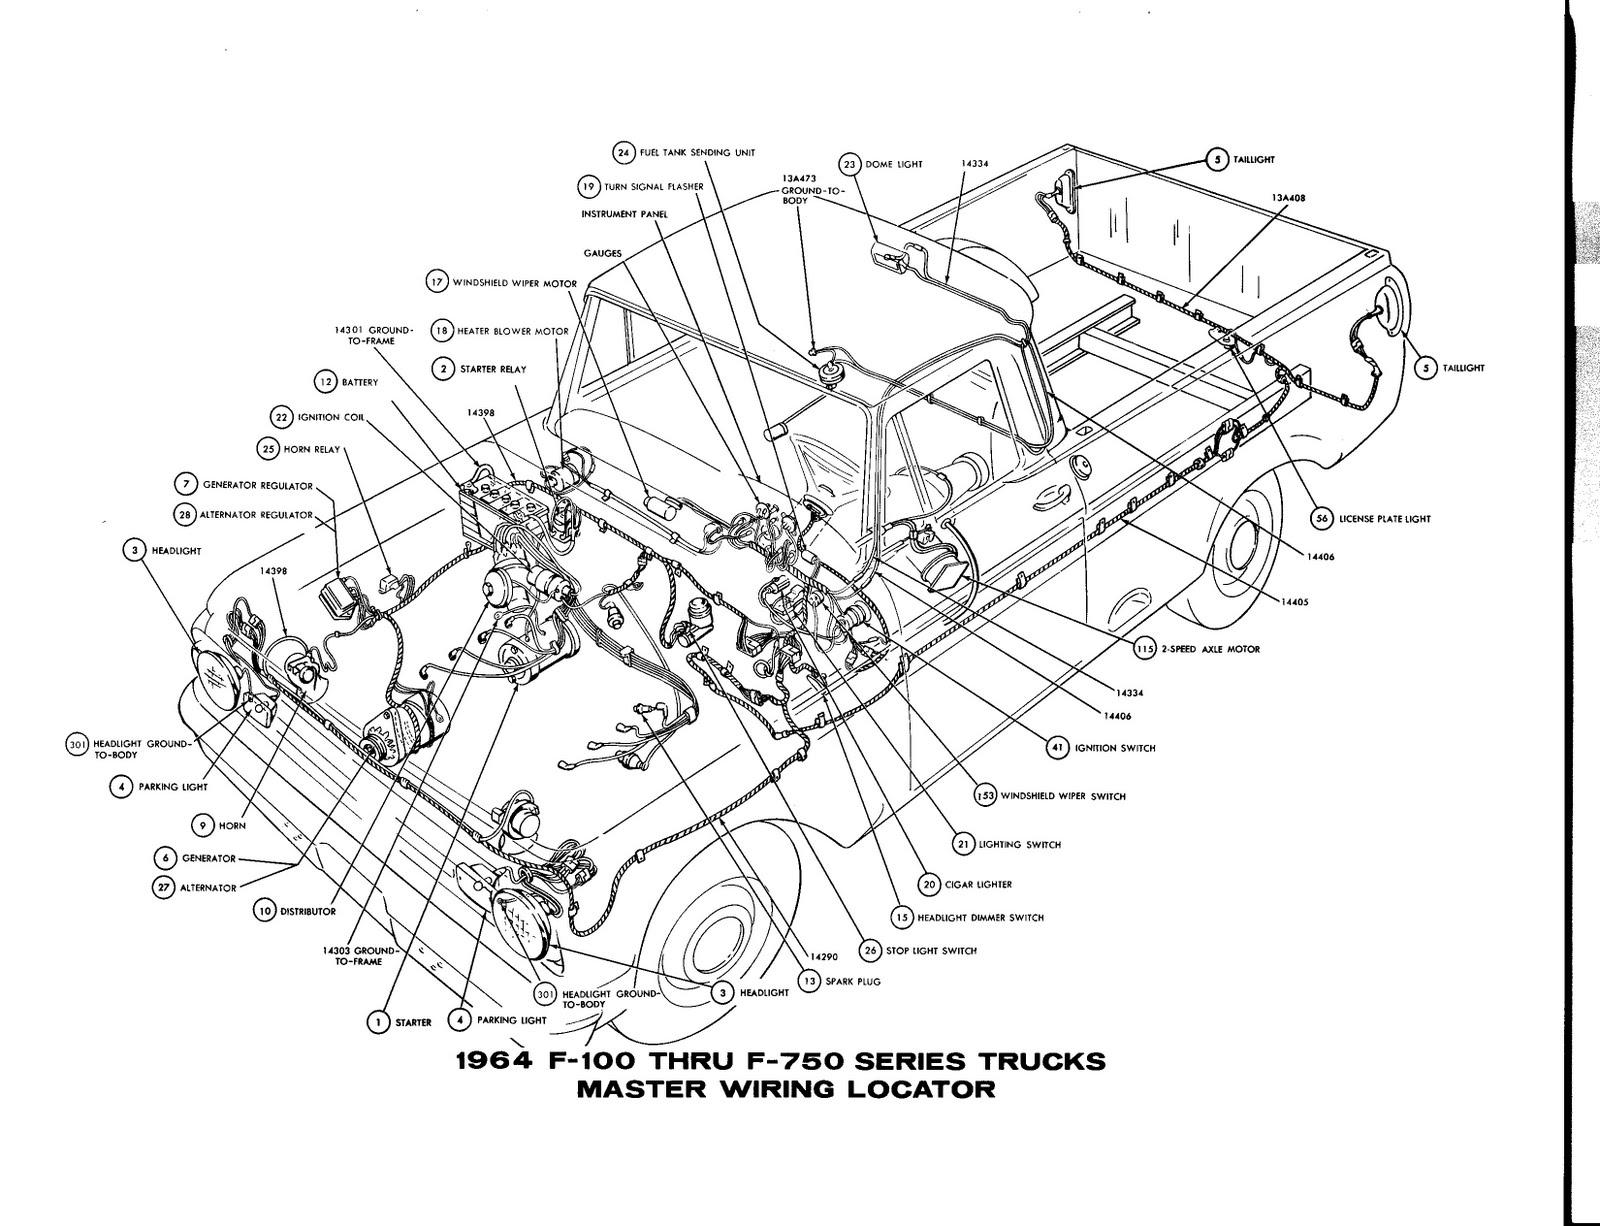 1964 ford f 100 thru f 750 truck master wiring [ 1600 x 1226 Pixel ]